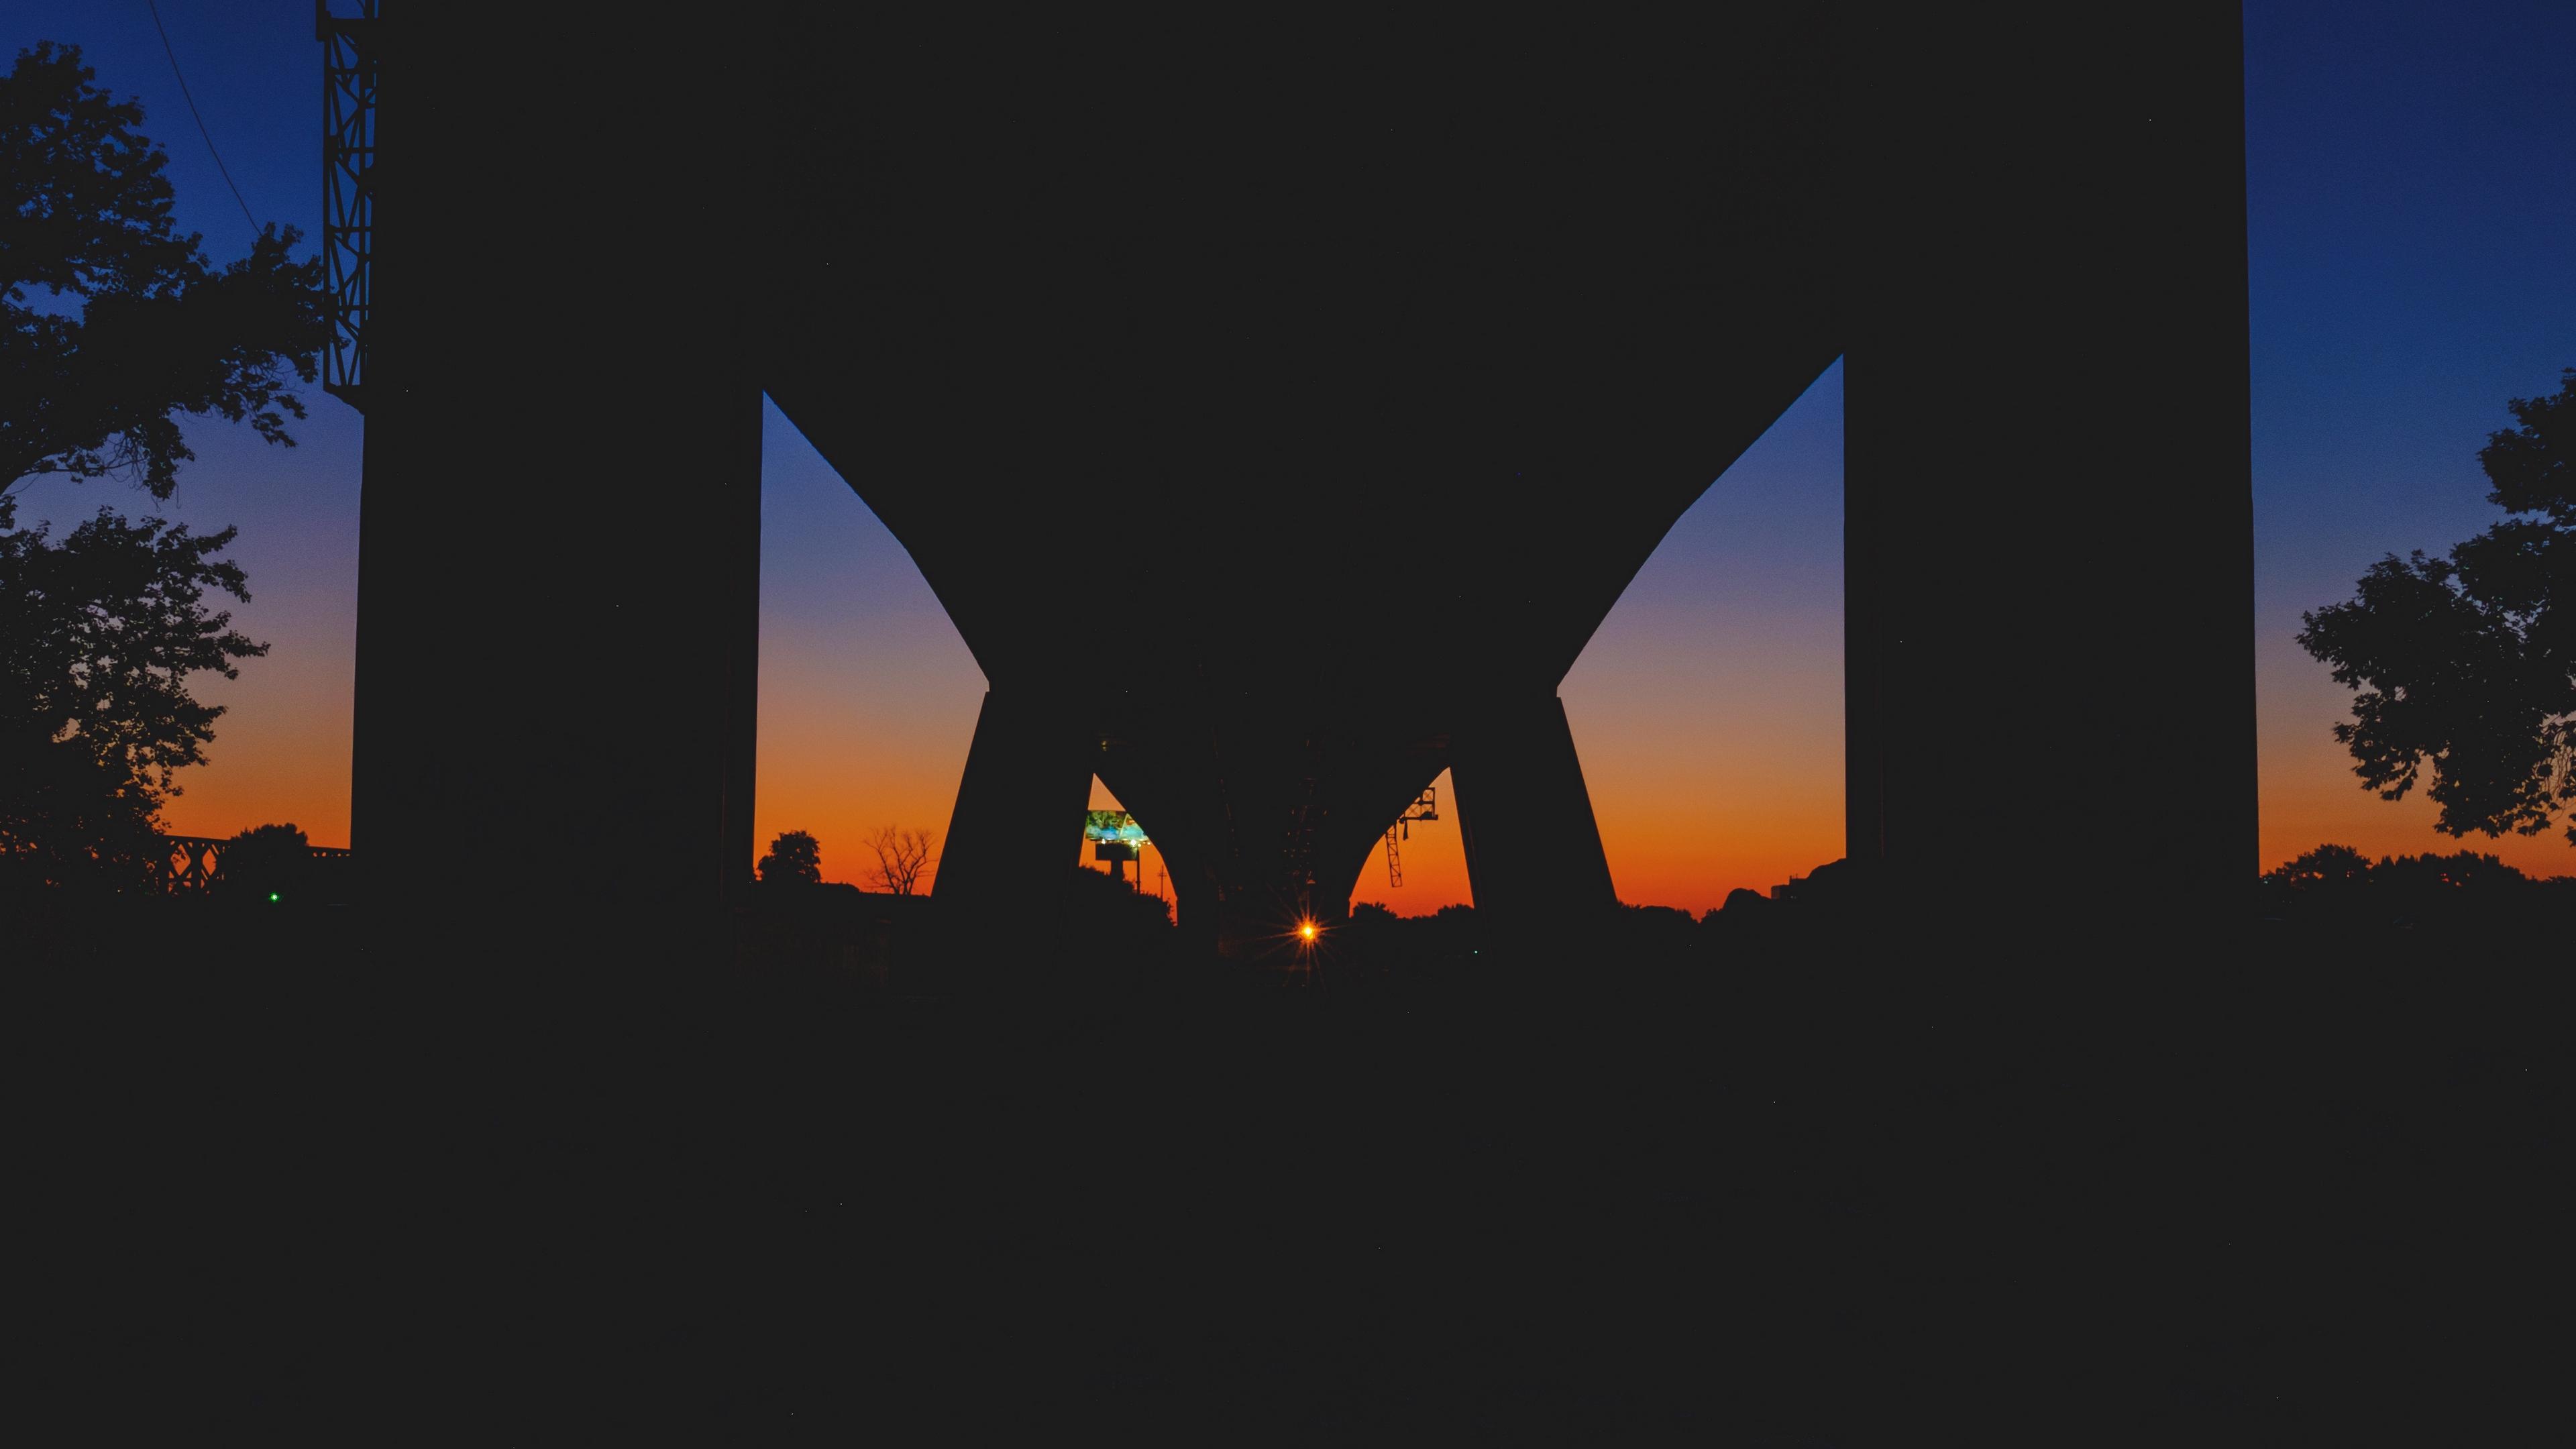 bridge night sunset 4k 1540574376 - bridge, night, sunset 4k - sunset, Night, bridge